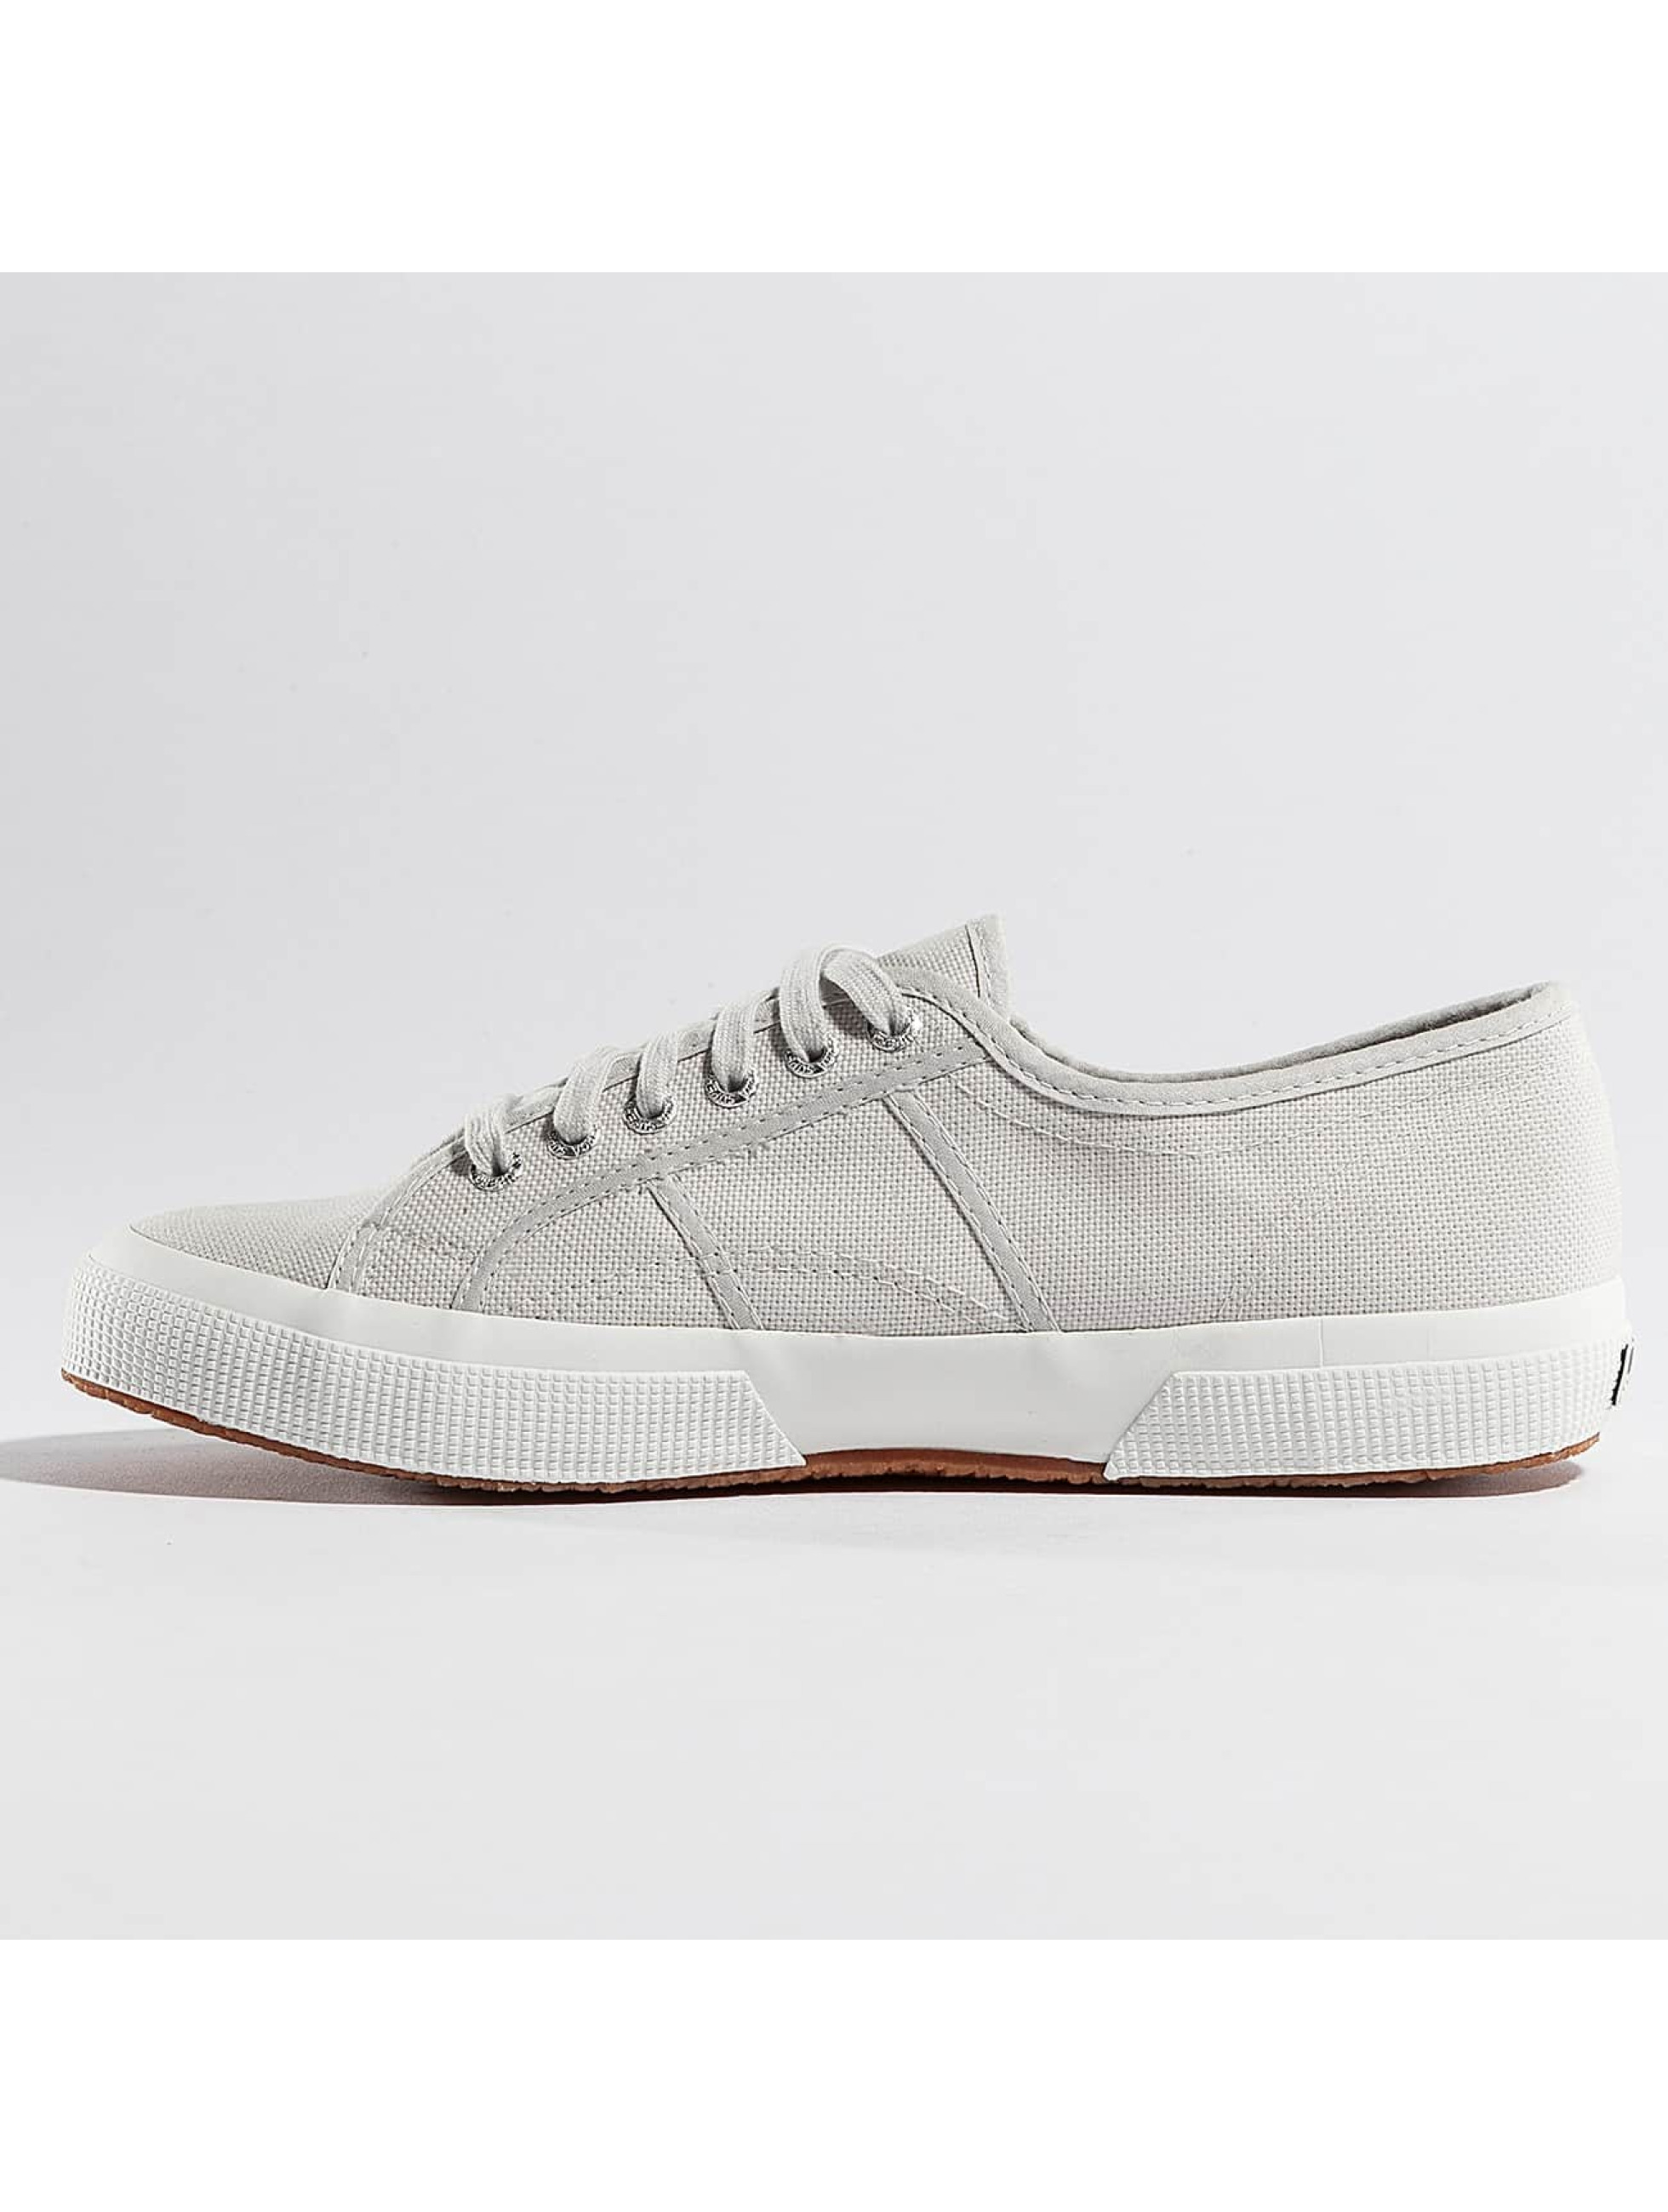 Superga Sneakers 2750 Cotu gray